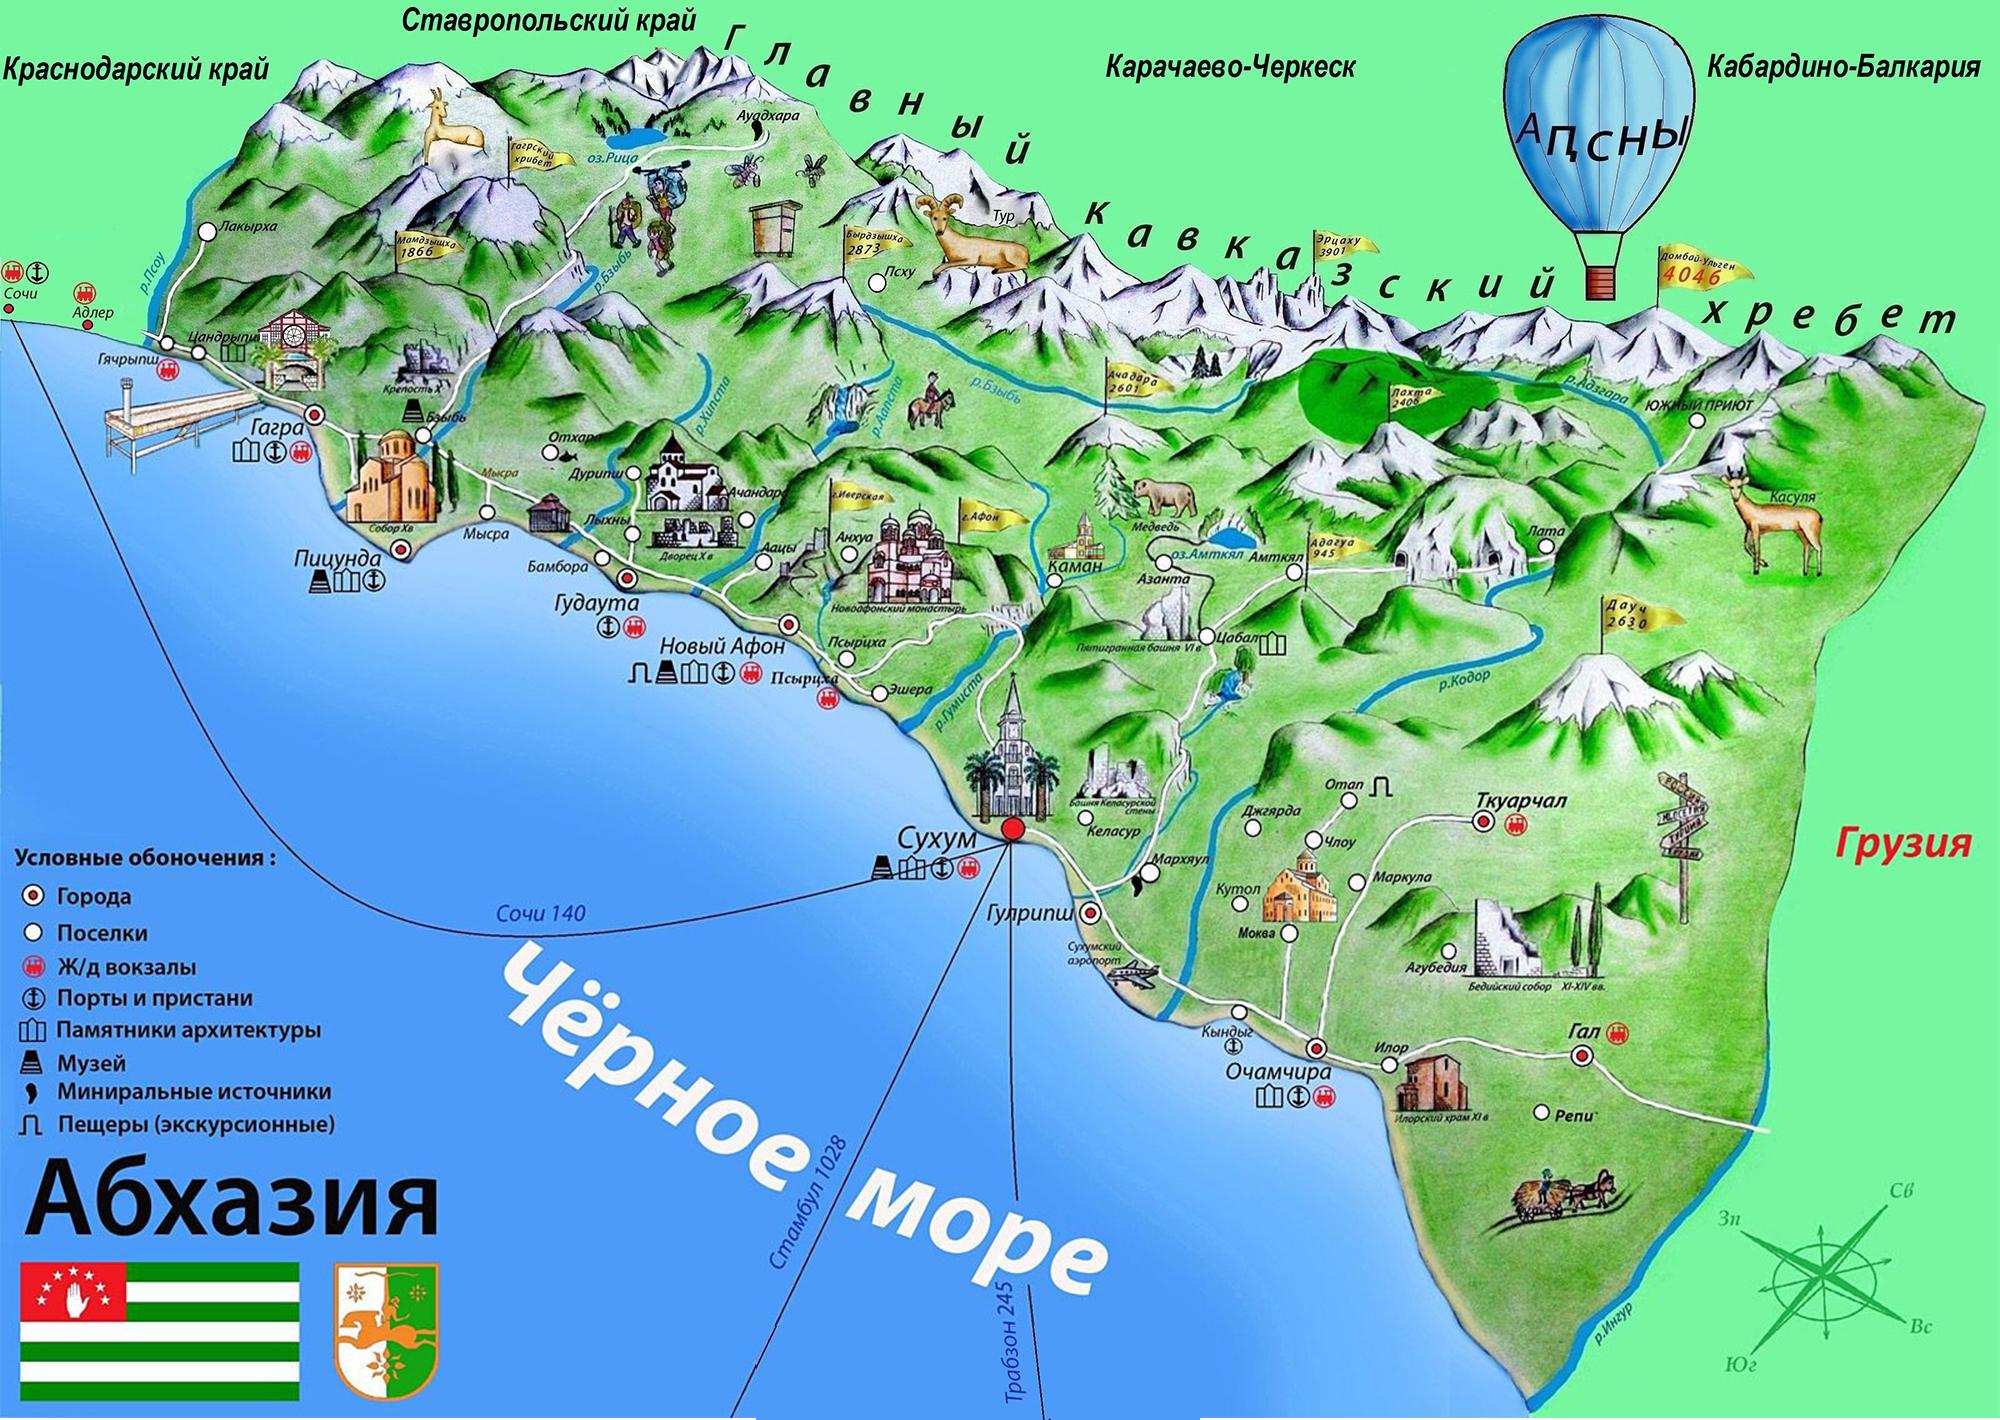 Карта Абхазии с городами, дорогами и достопримечательностями